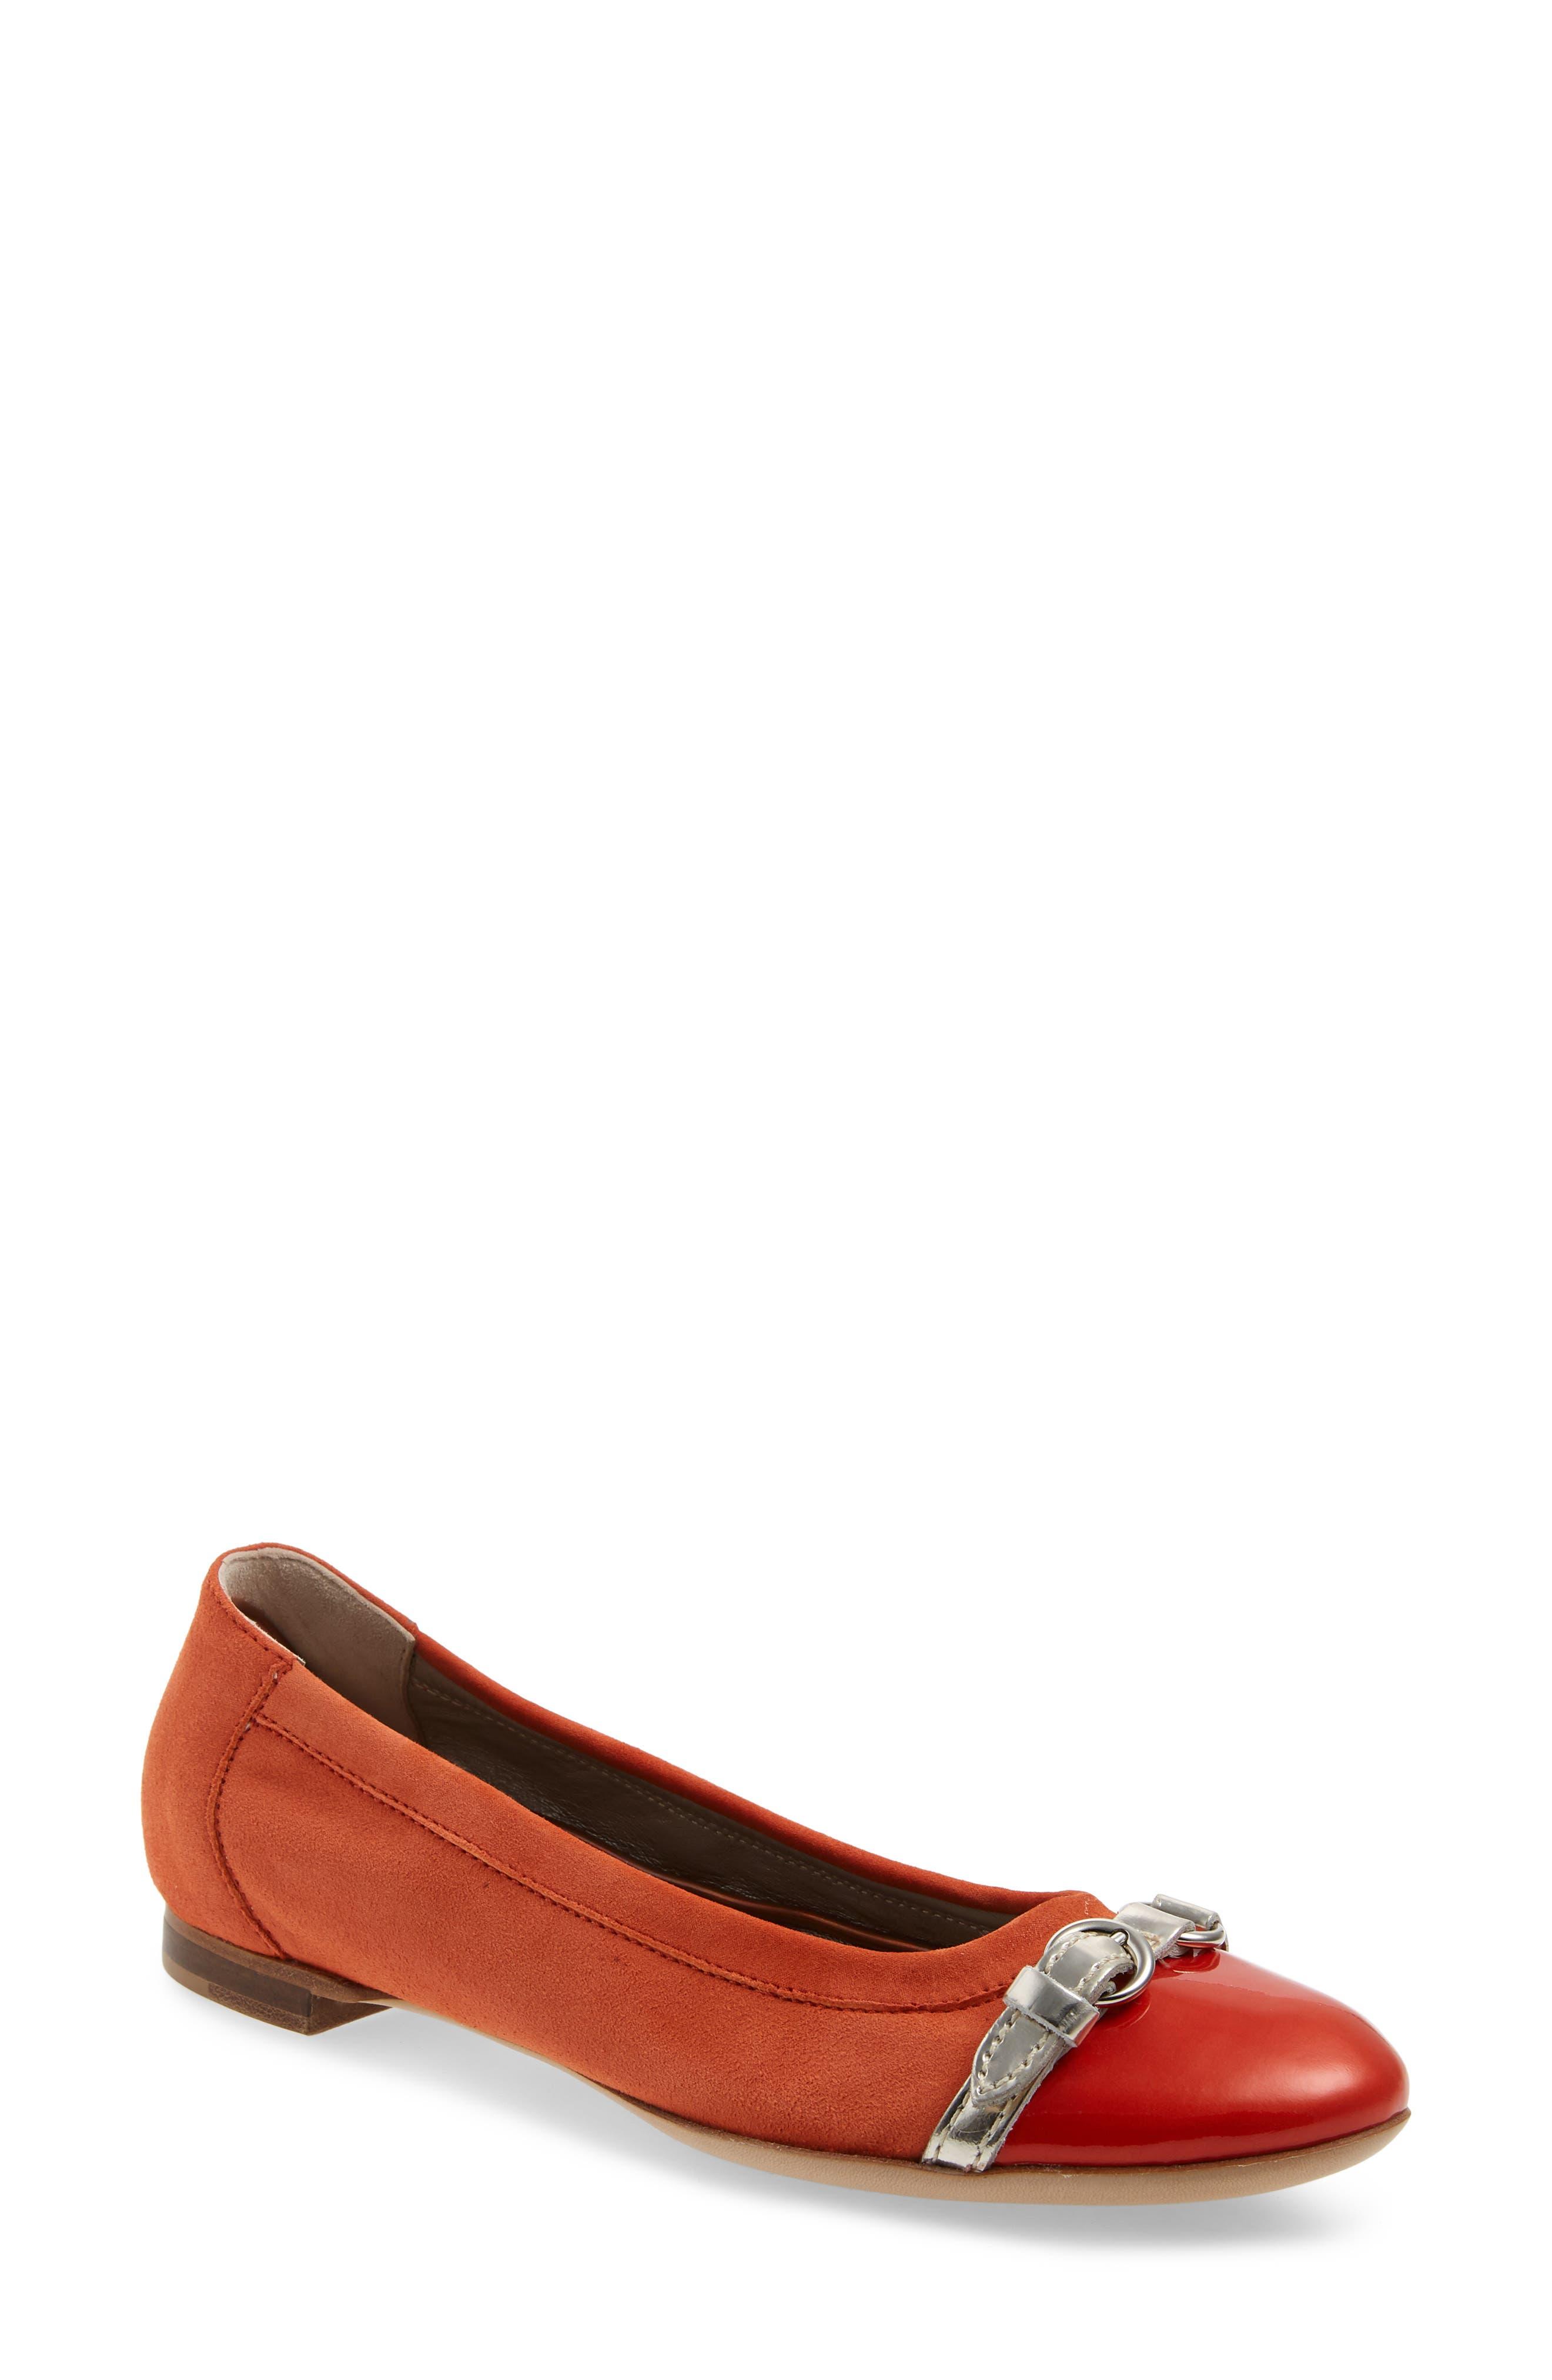 Agl Cap Toe Ballet Flat - Orange